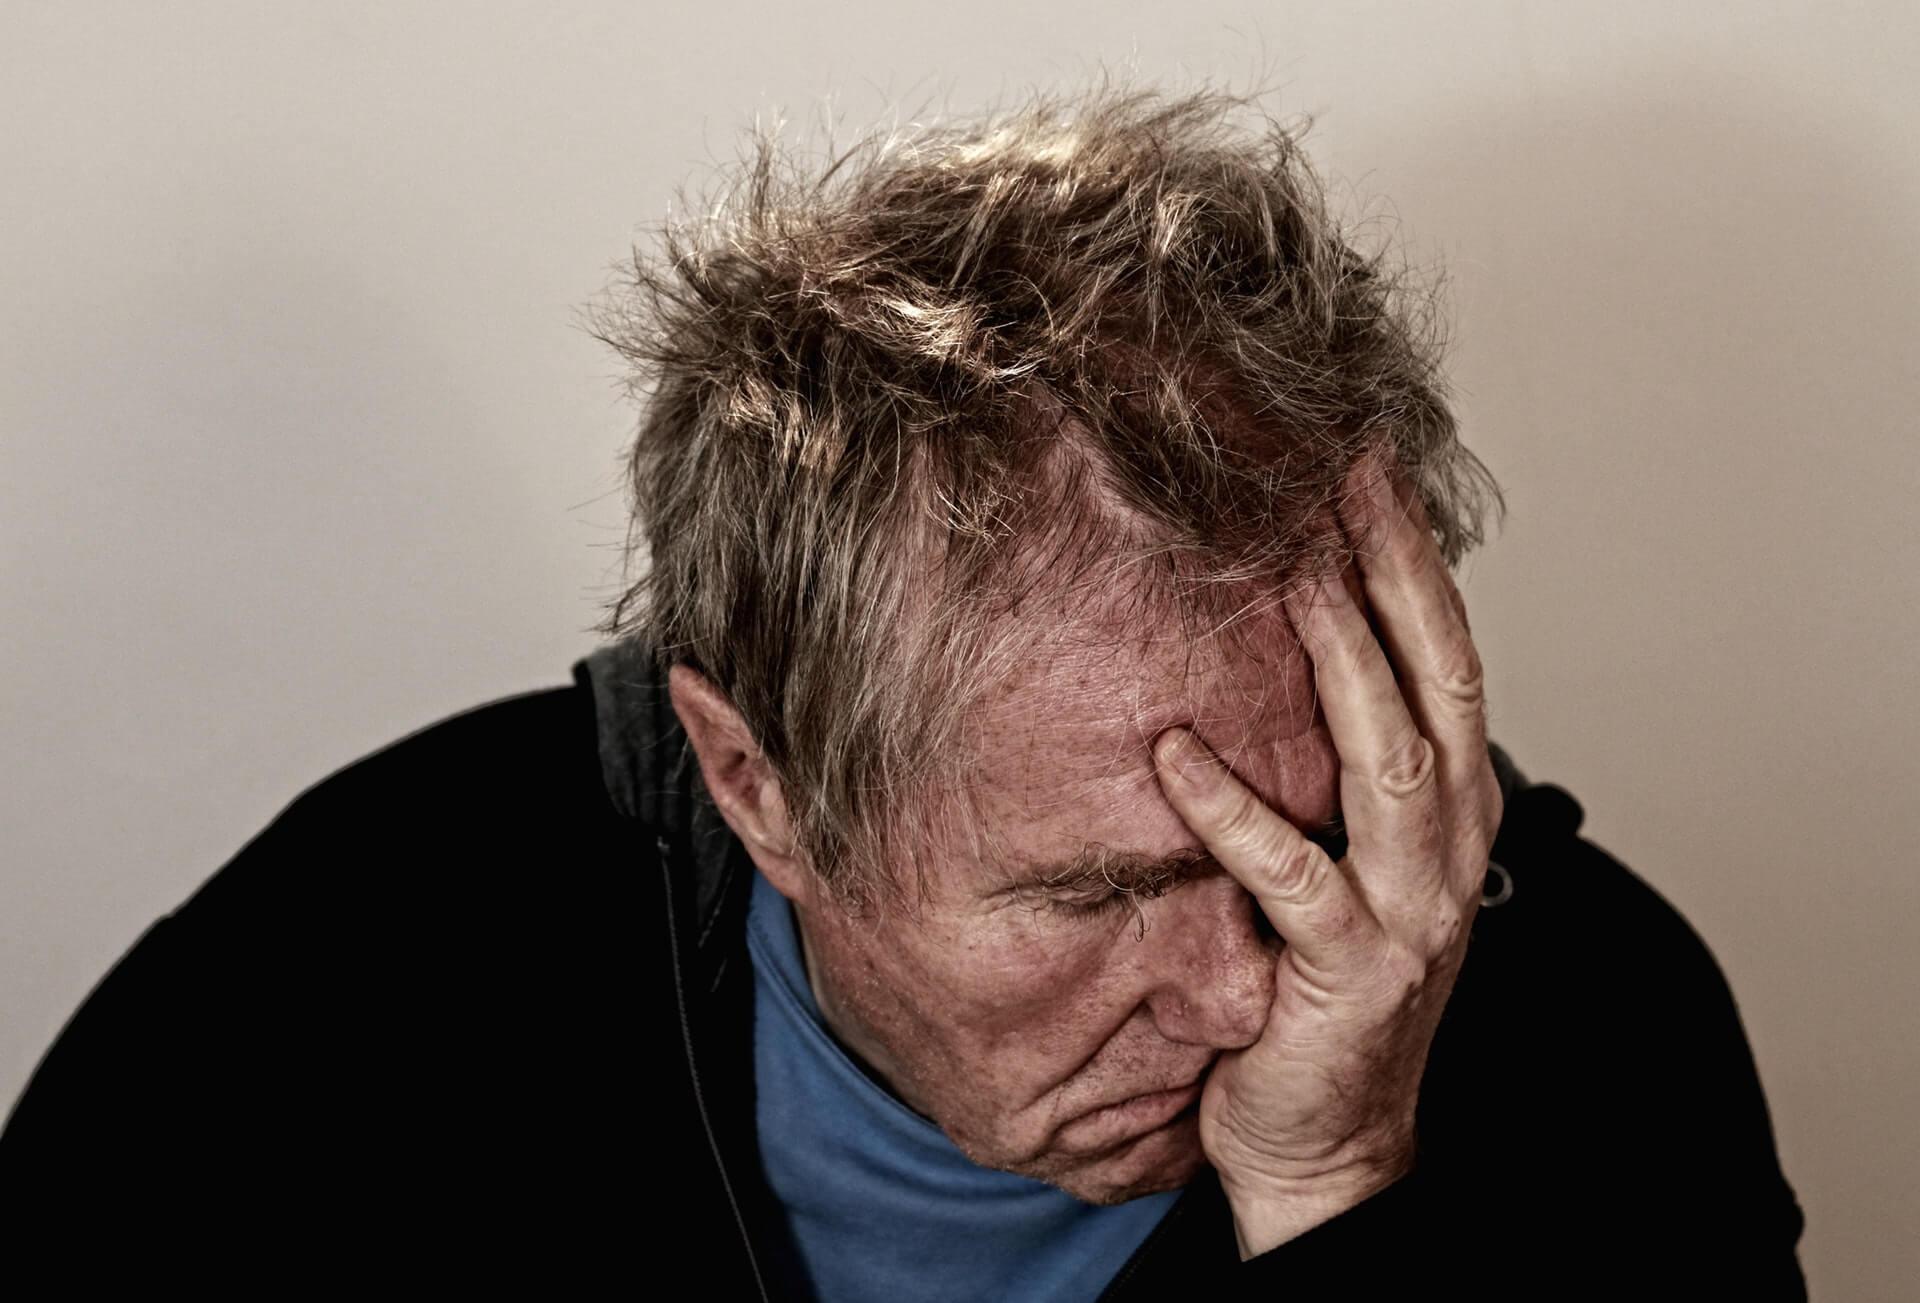 Das hilft gegen Kopfschmerzen - Das hilft gegen Kopfschmerzen